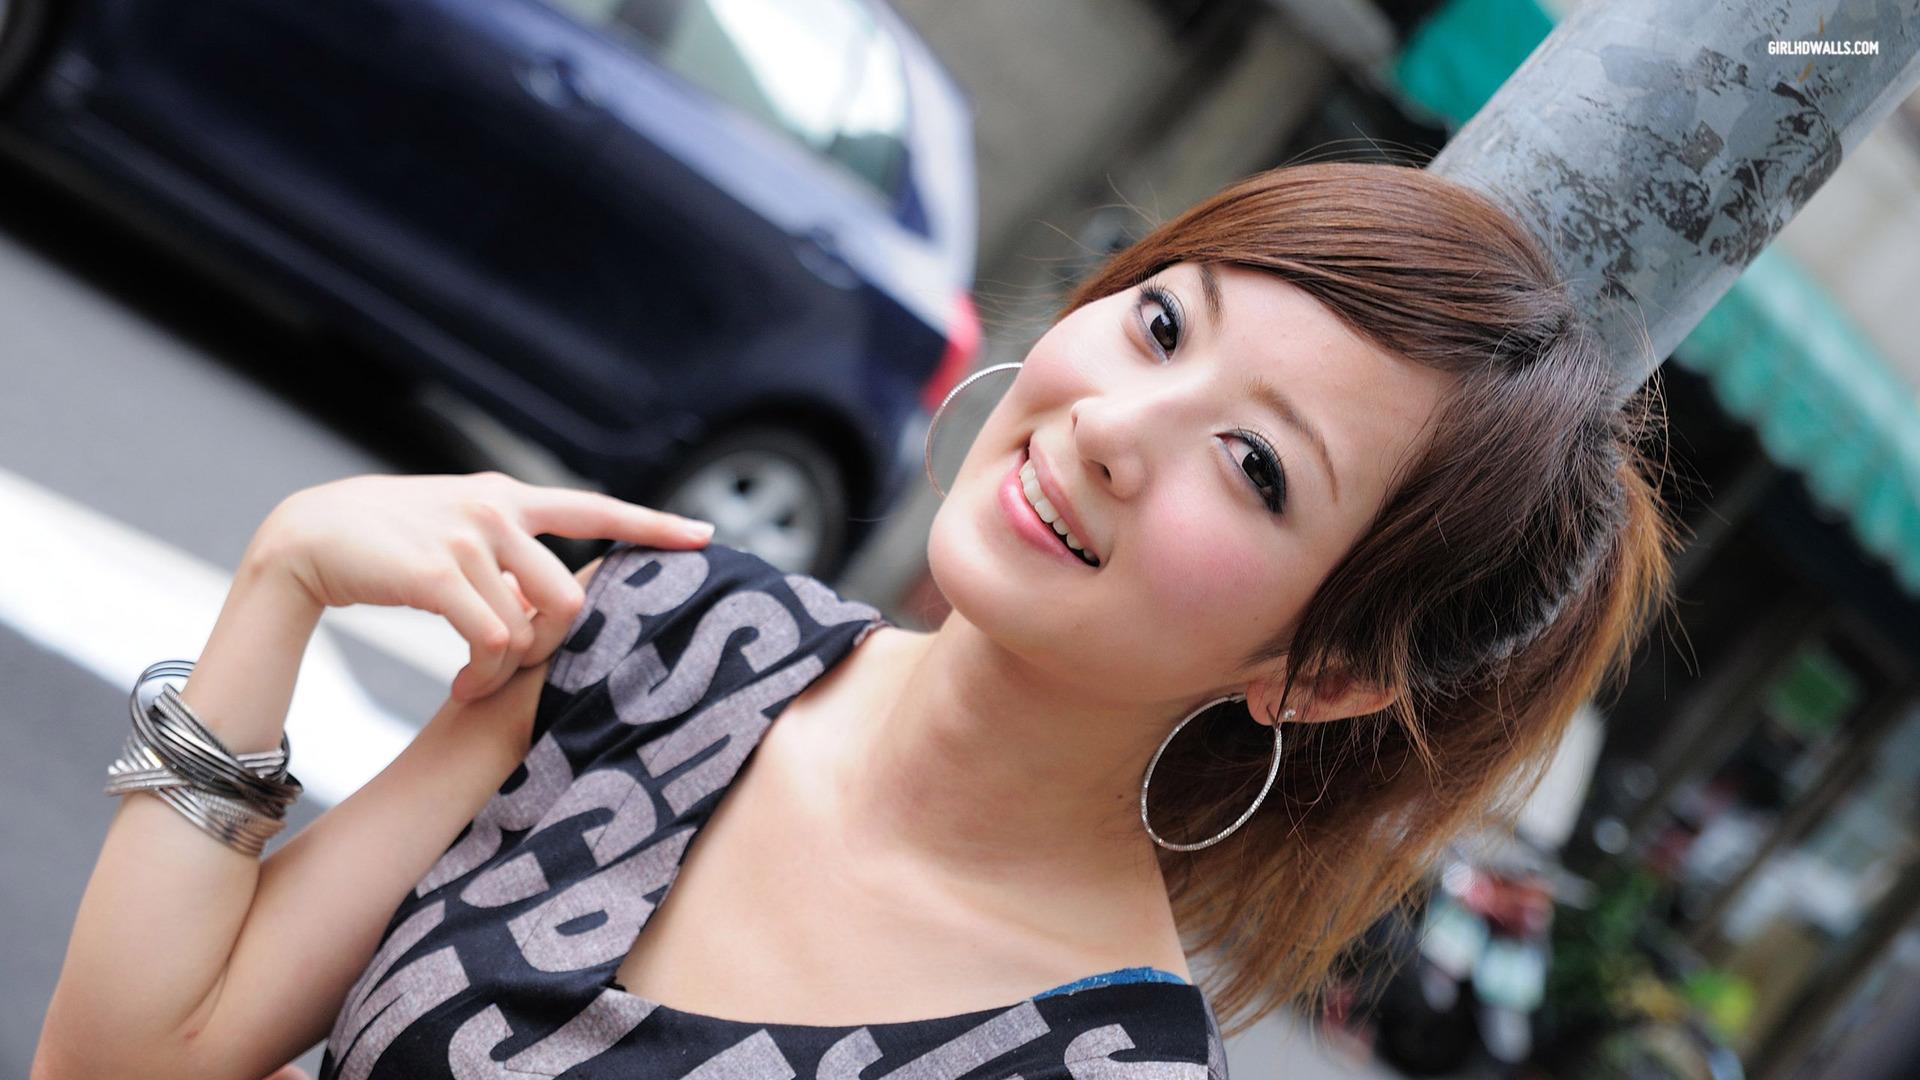 Mikako Zhang wallpaper 1920x1080 68202 1920x1080